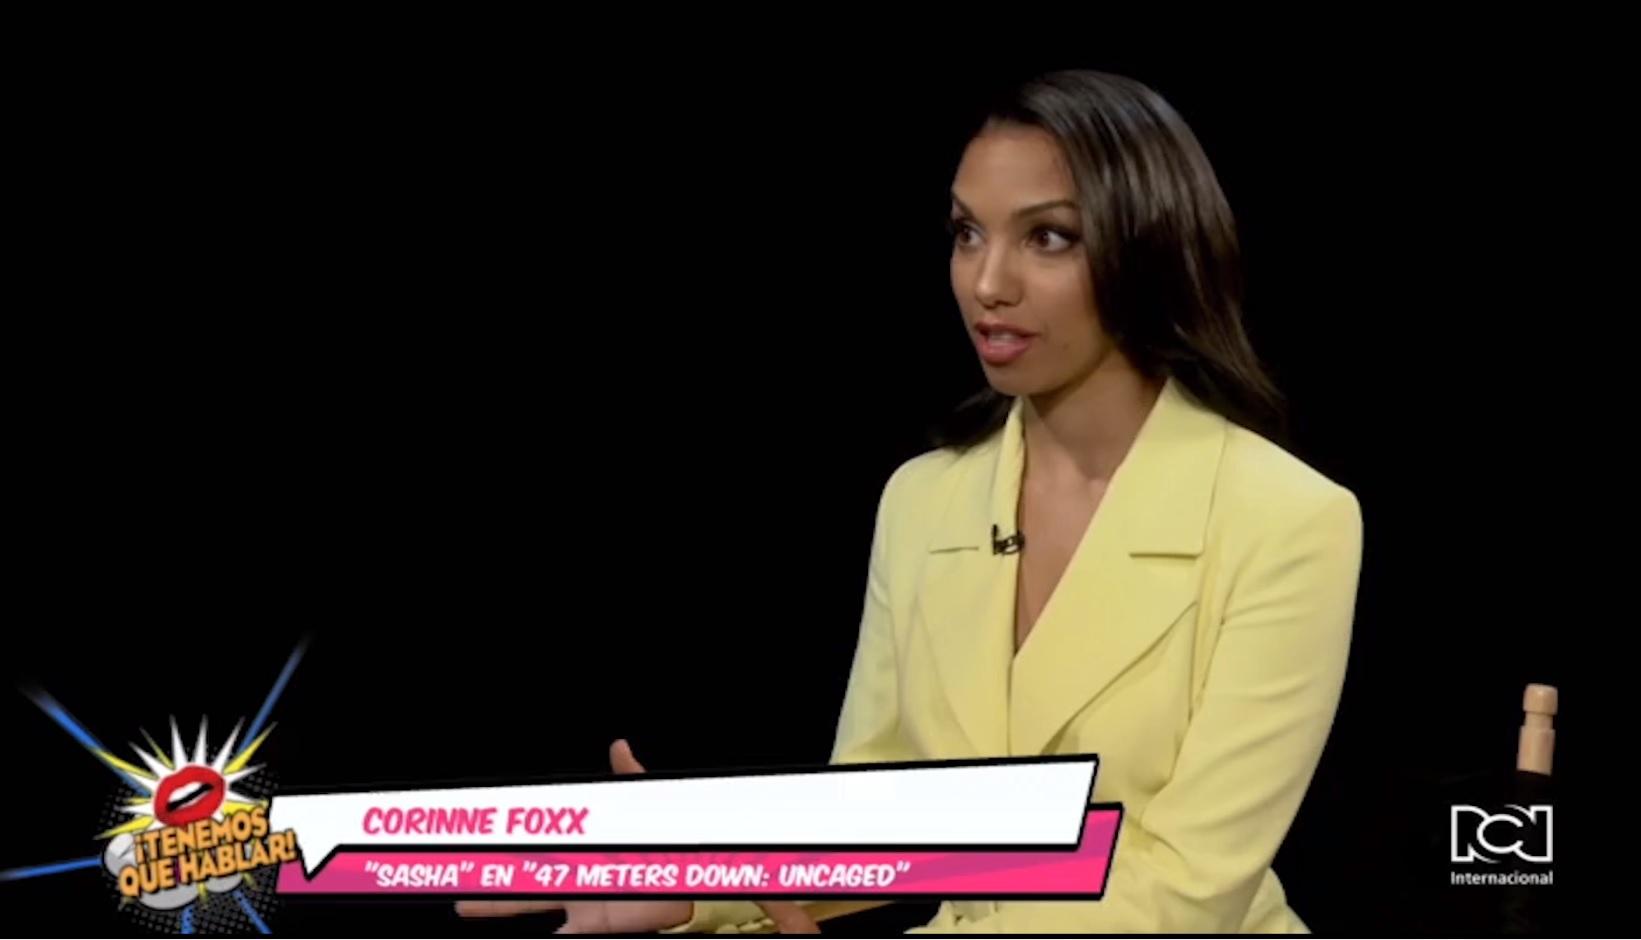 Corinne Foxx habló sobre su rol en '47 Meters Down: Uncaged'